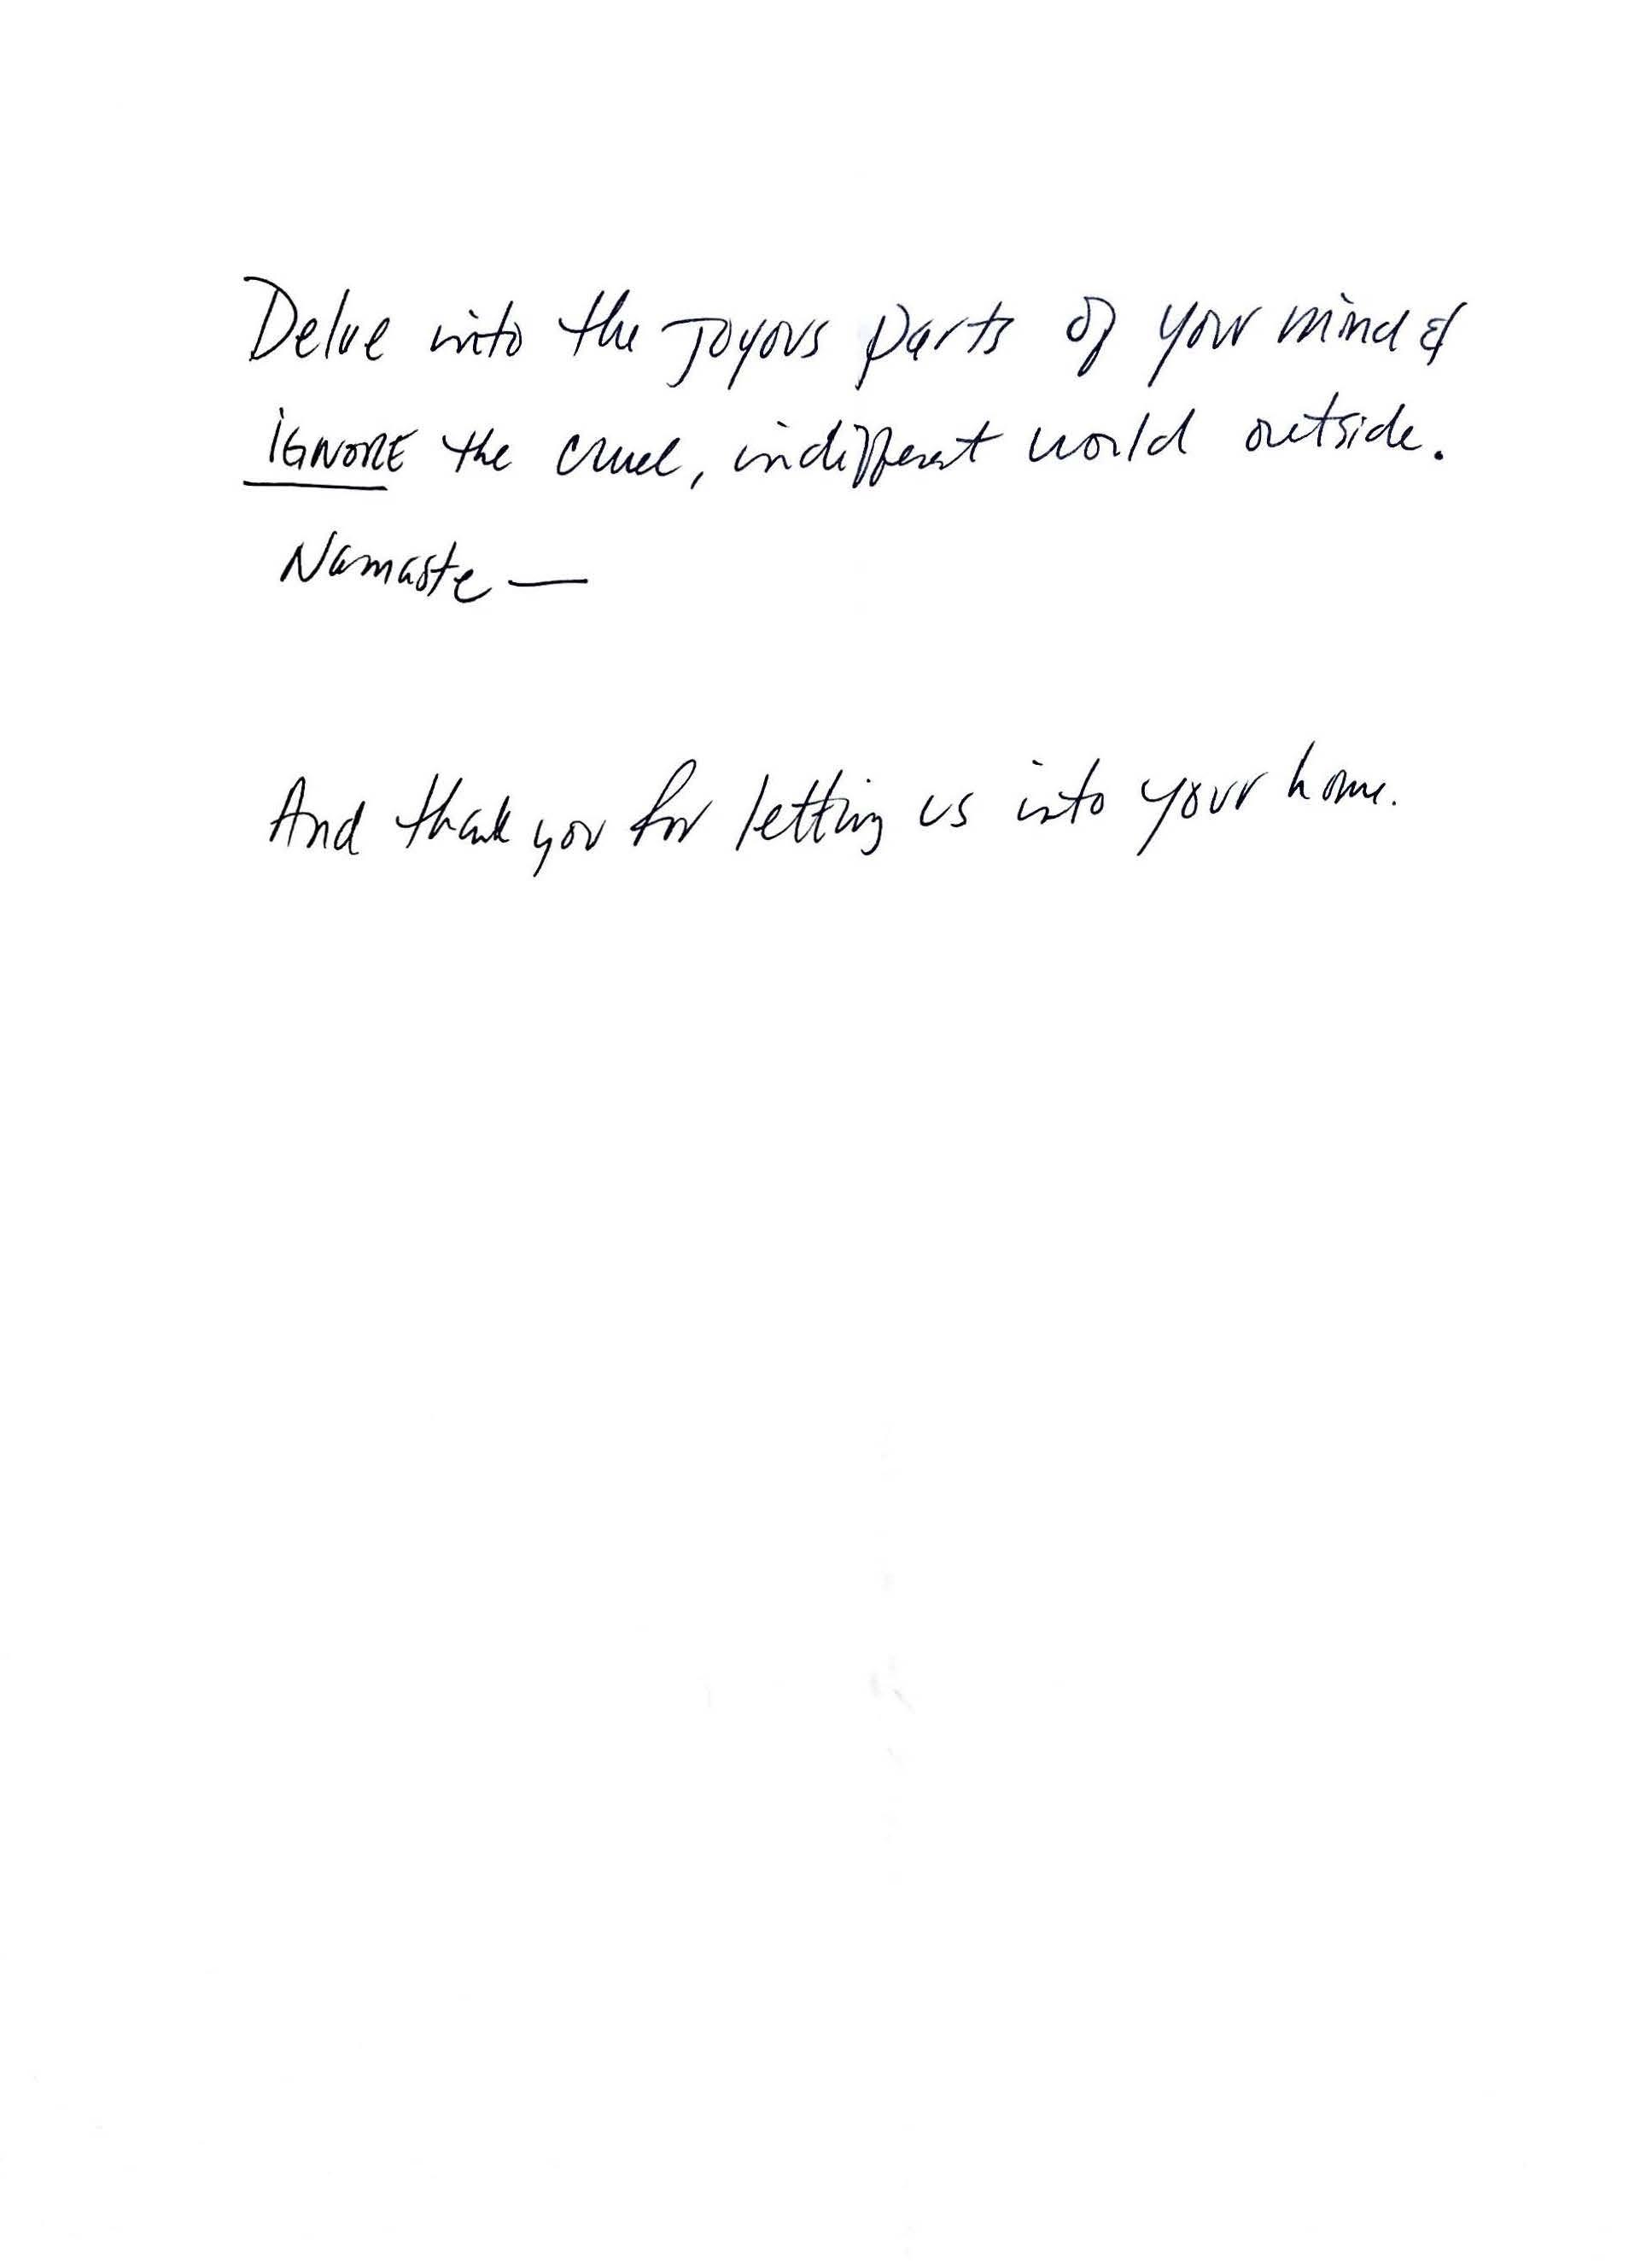 BTCD Letter (20).jpg